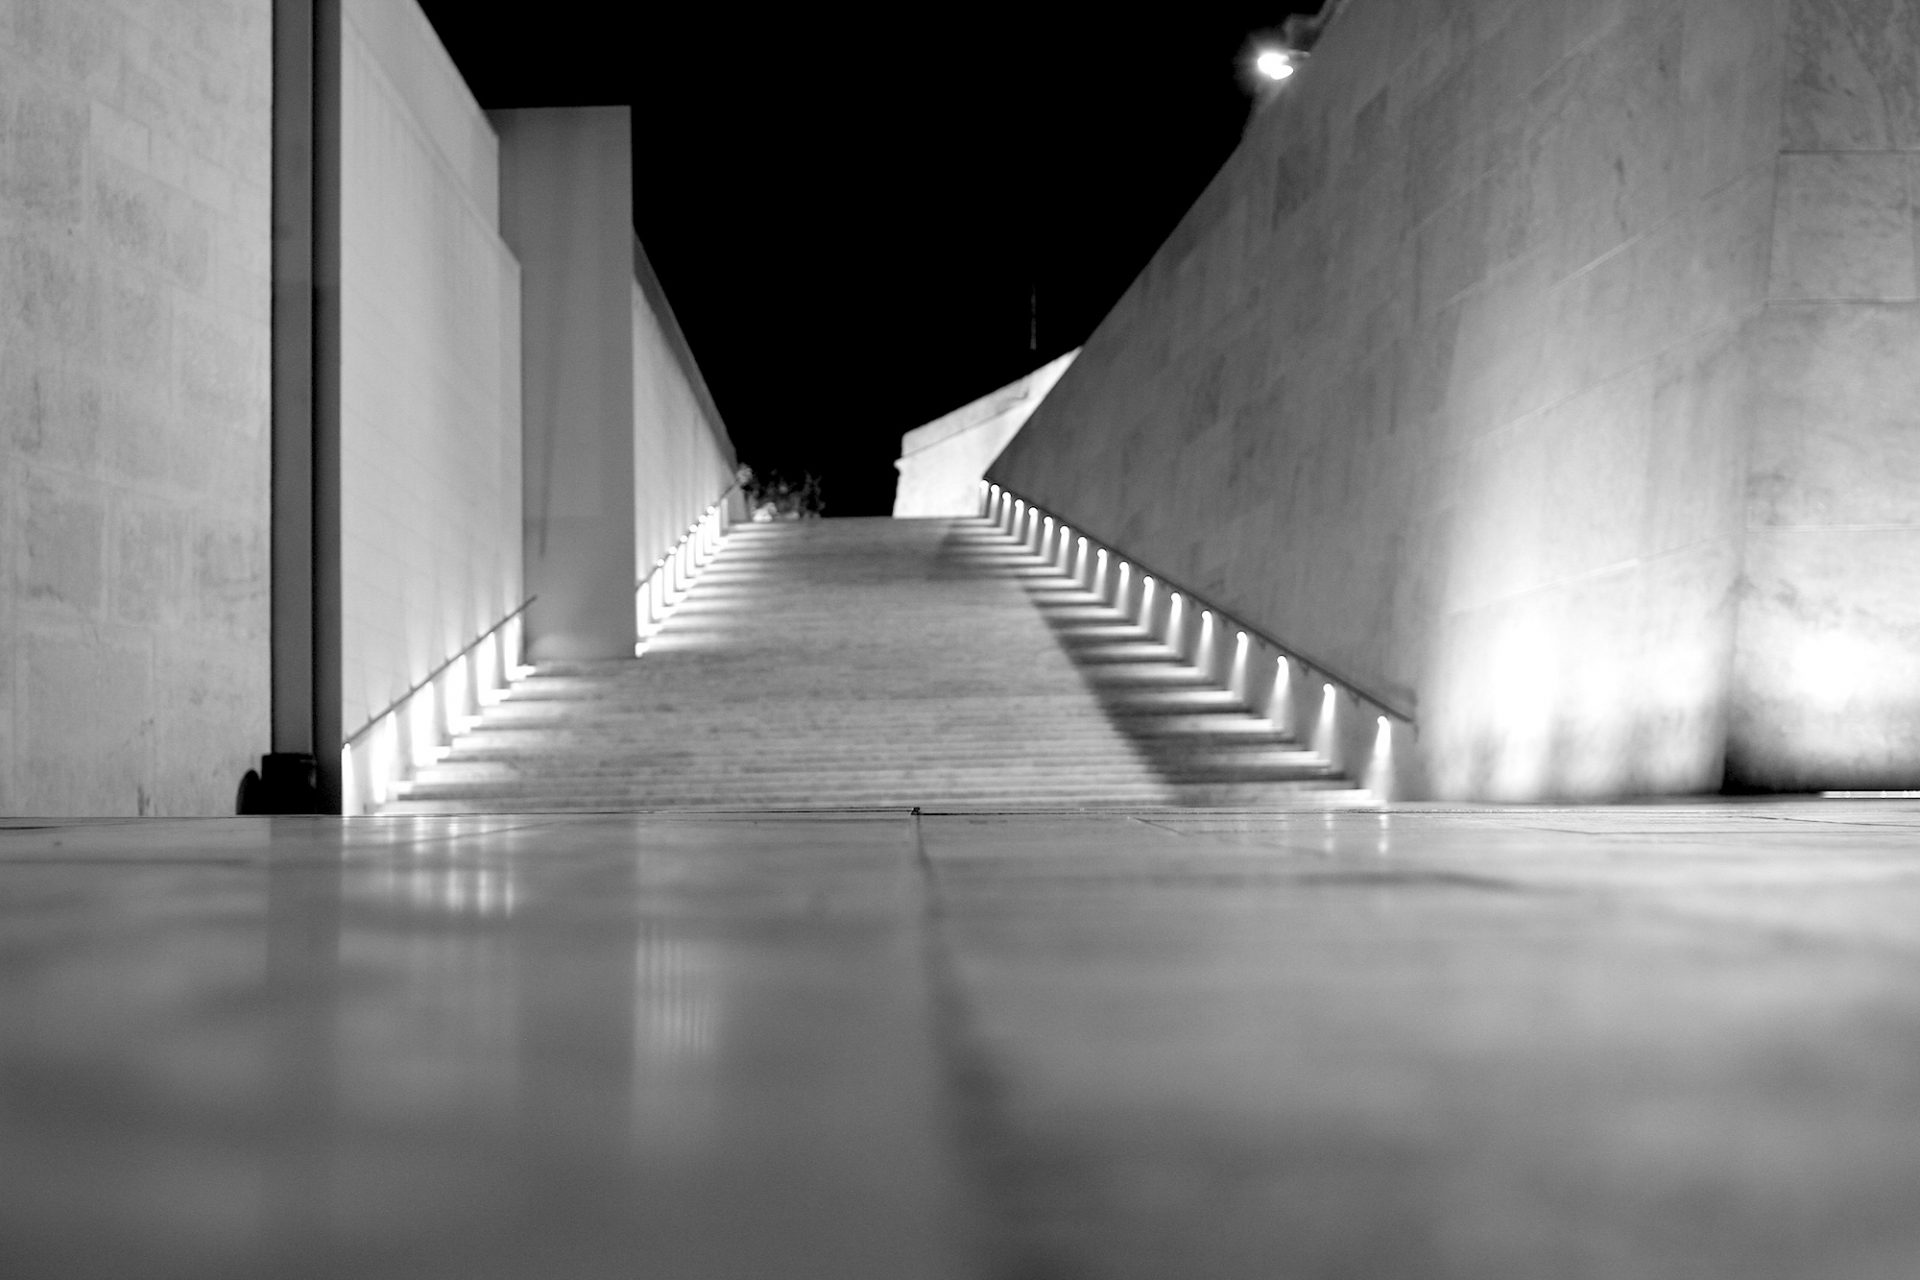 Perspektivisch. Die Abend- und Nachtbeleuchtung akzentuiert das klare, luftige Renzo Piano-Konzept.